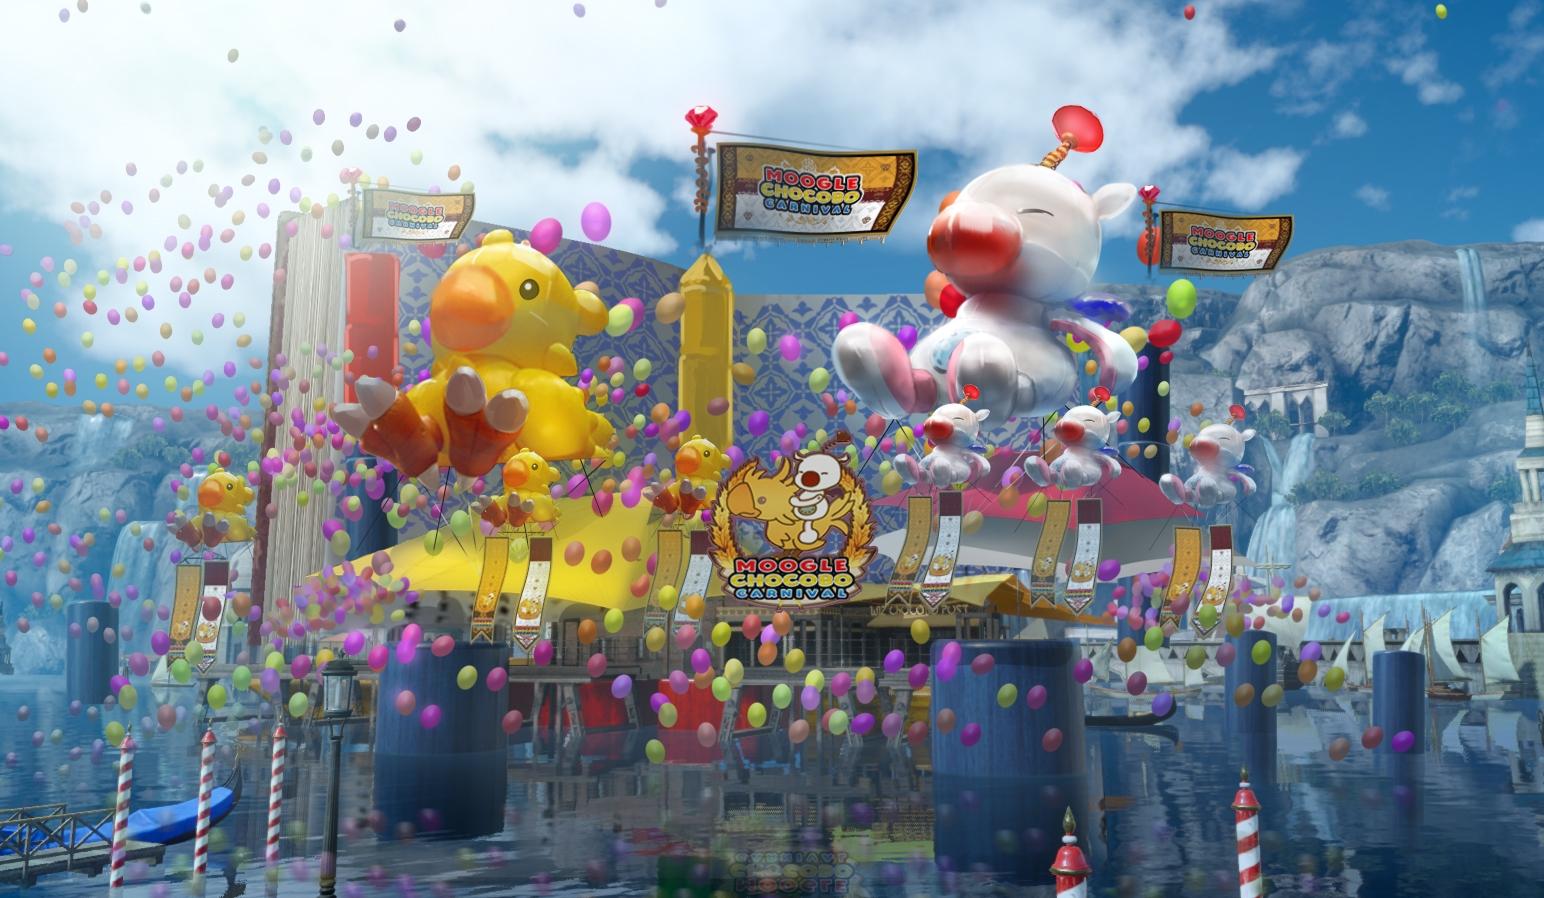 Final Fantasy XV - Moogle Chocobo Carnival